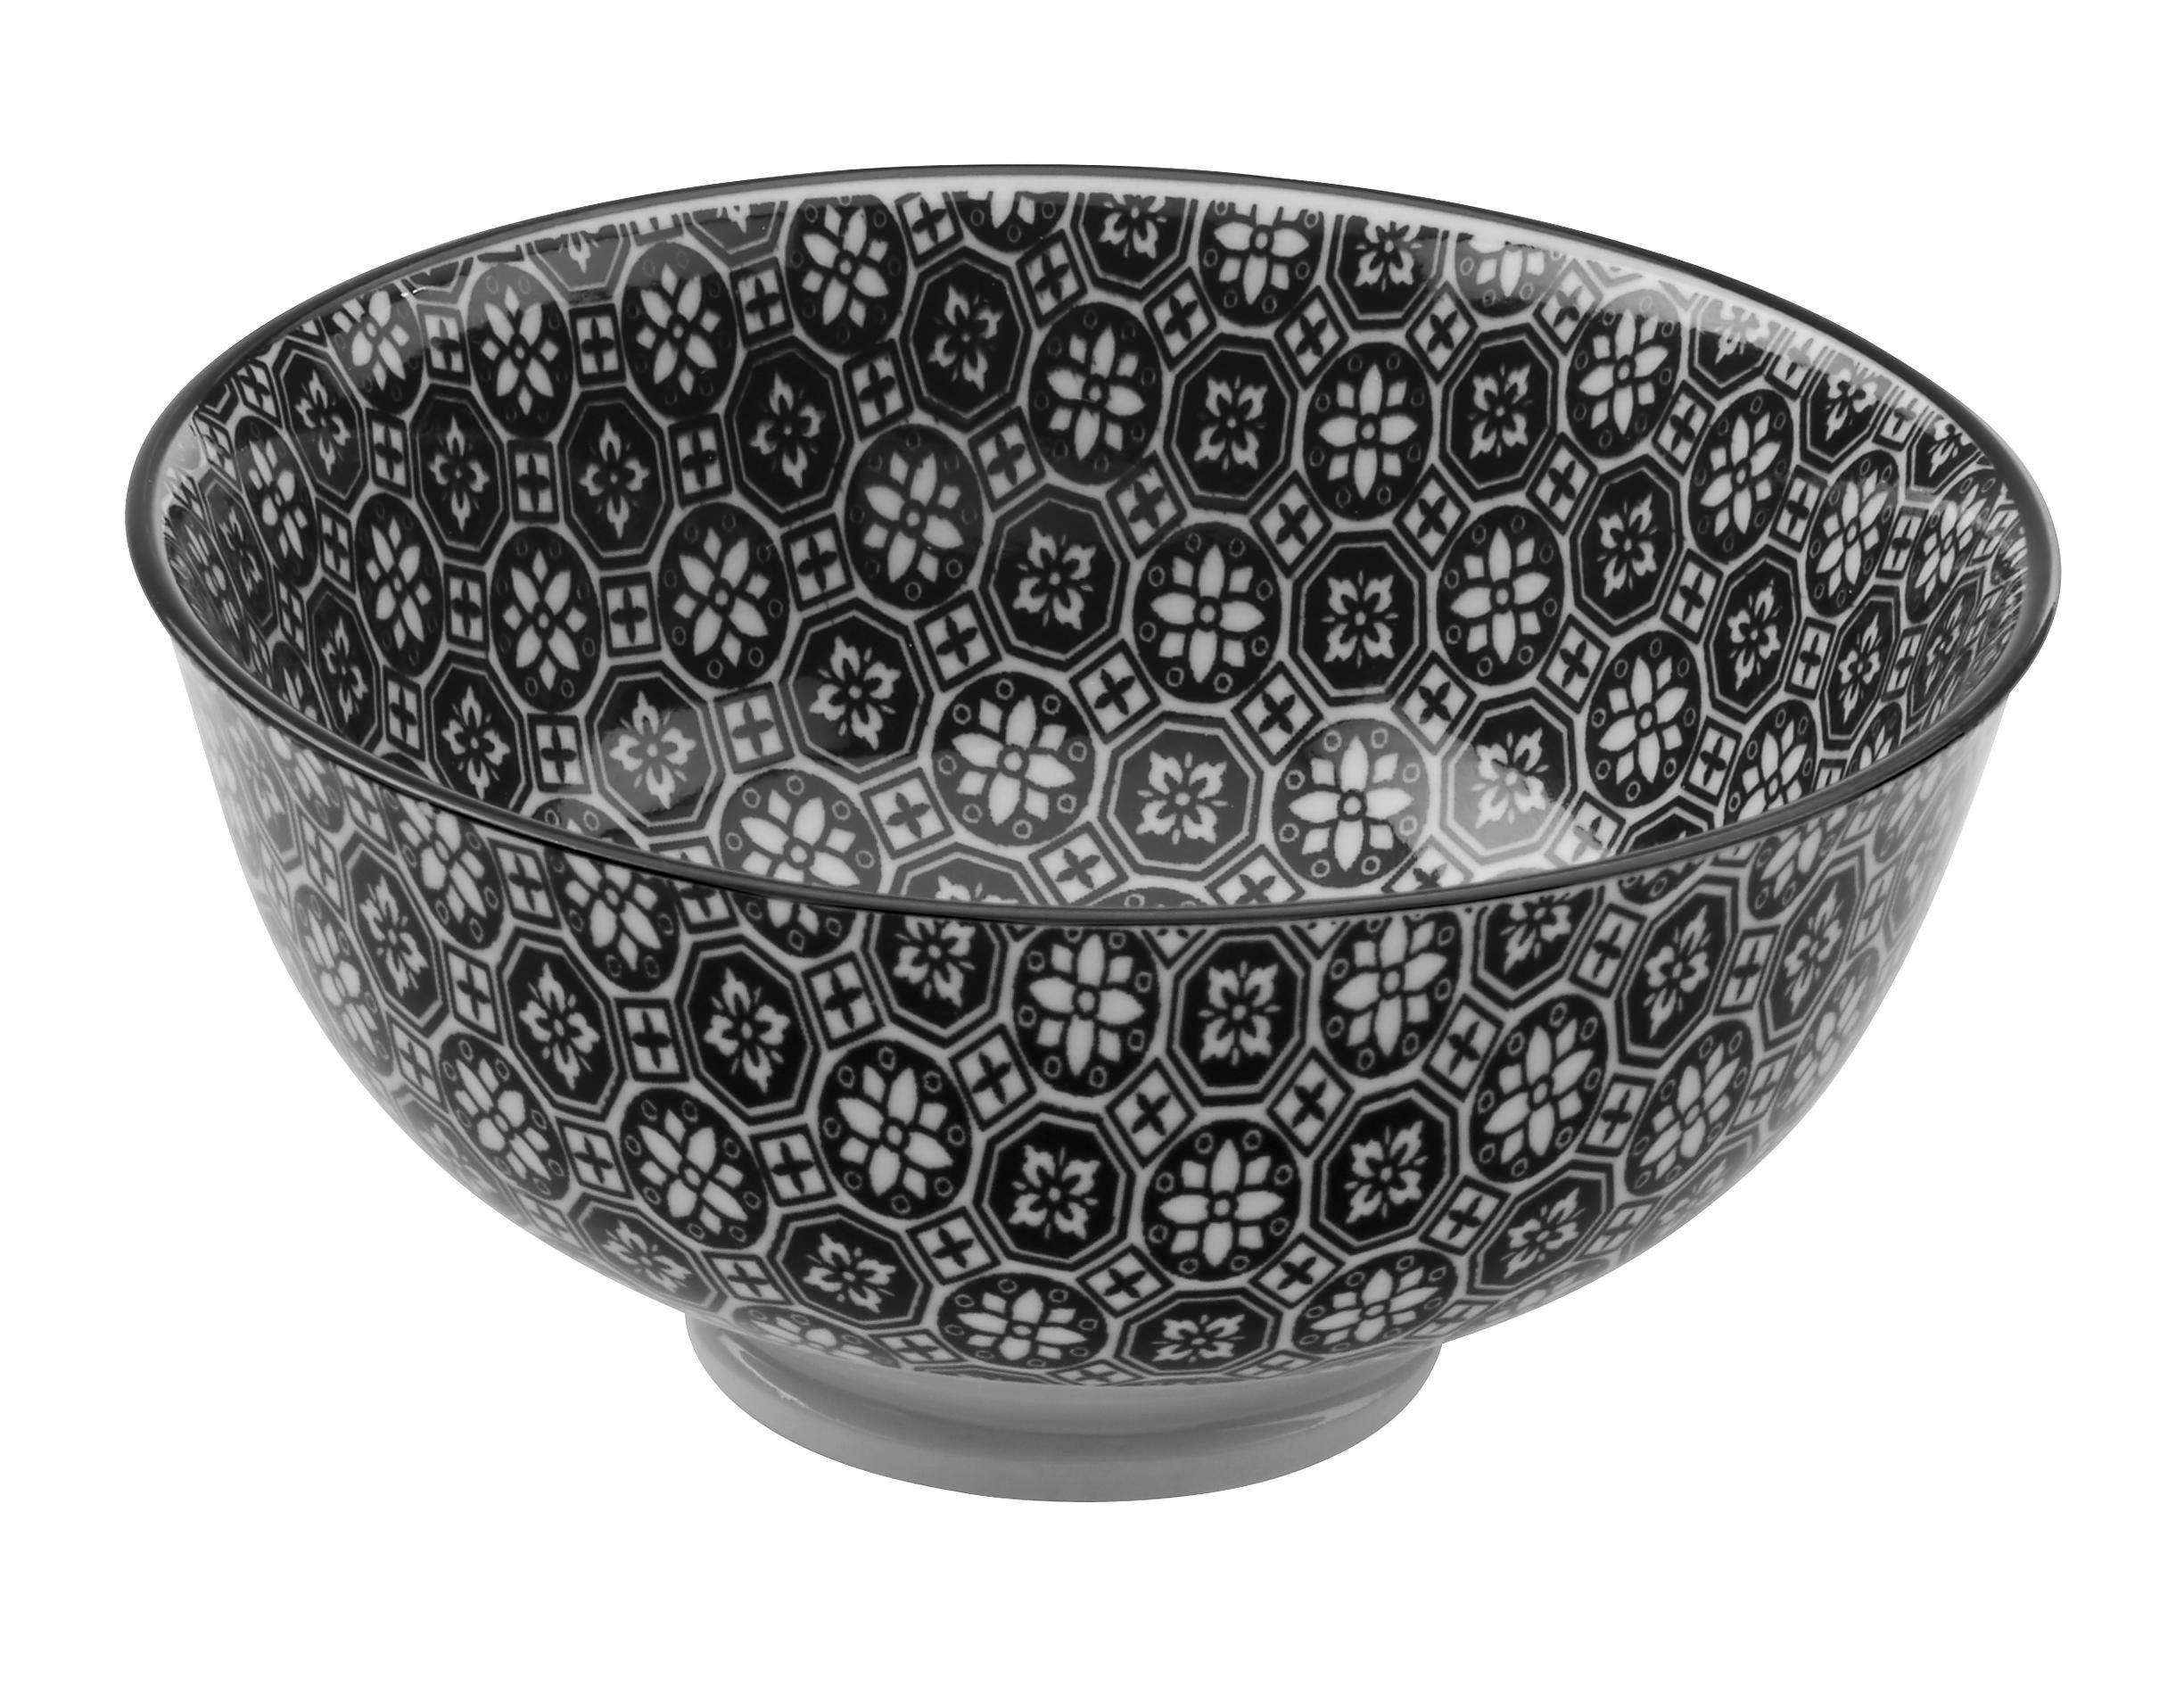 Schale Shiva in Schwarz/Weiß - Schwarz/Weiß, LIFESTYLE, Keramik (11,5/5,8cm) - MÖMAX modern living